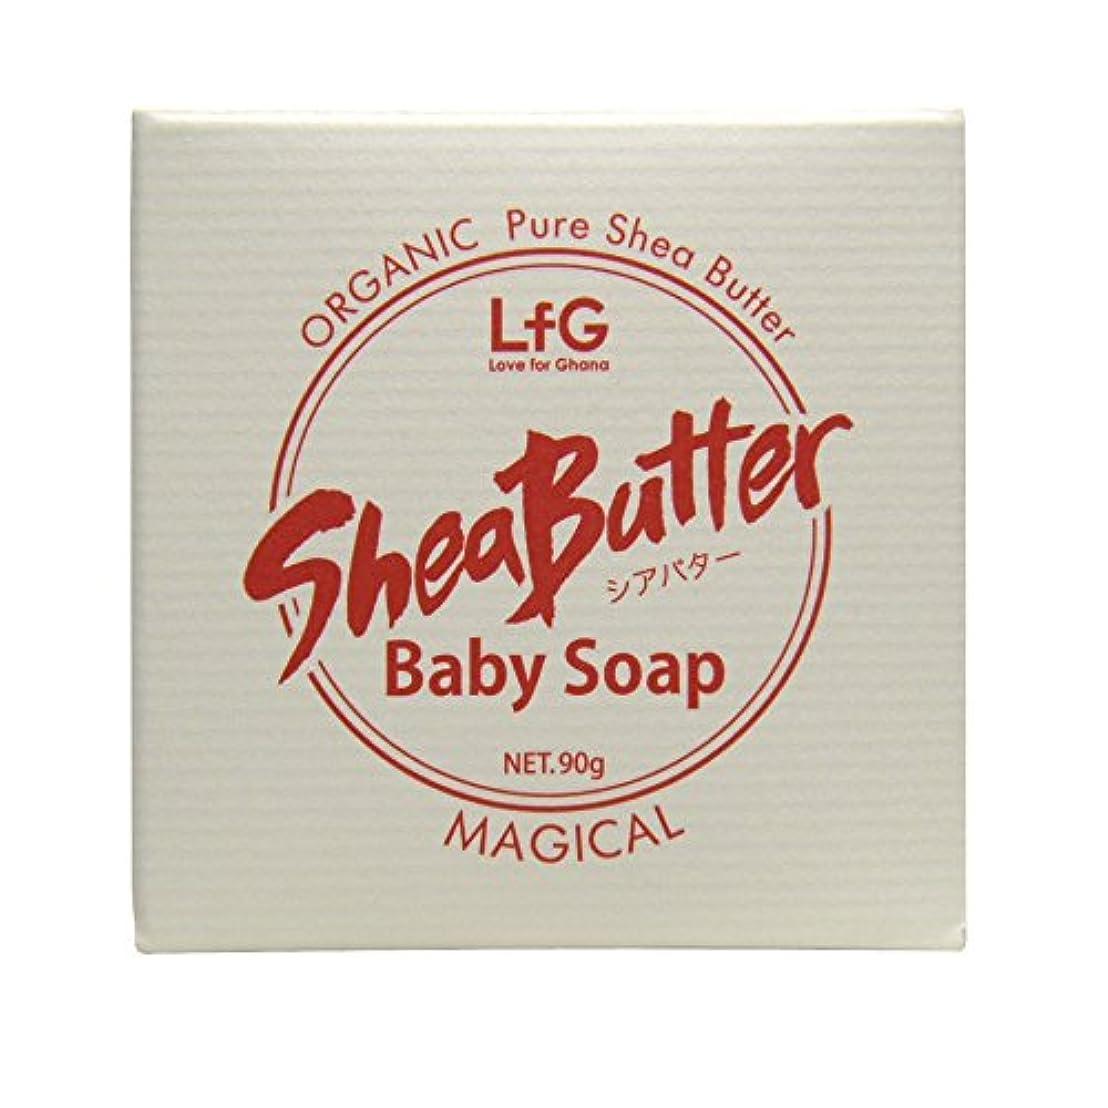 マジカル シアバターベビーソープ 保湿石鹸 90g